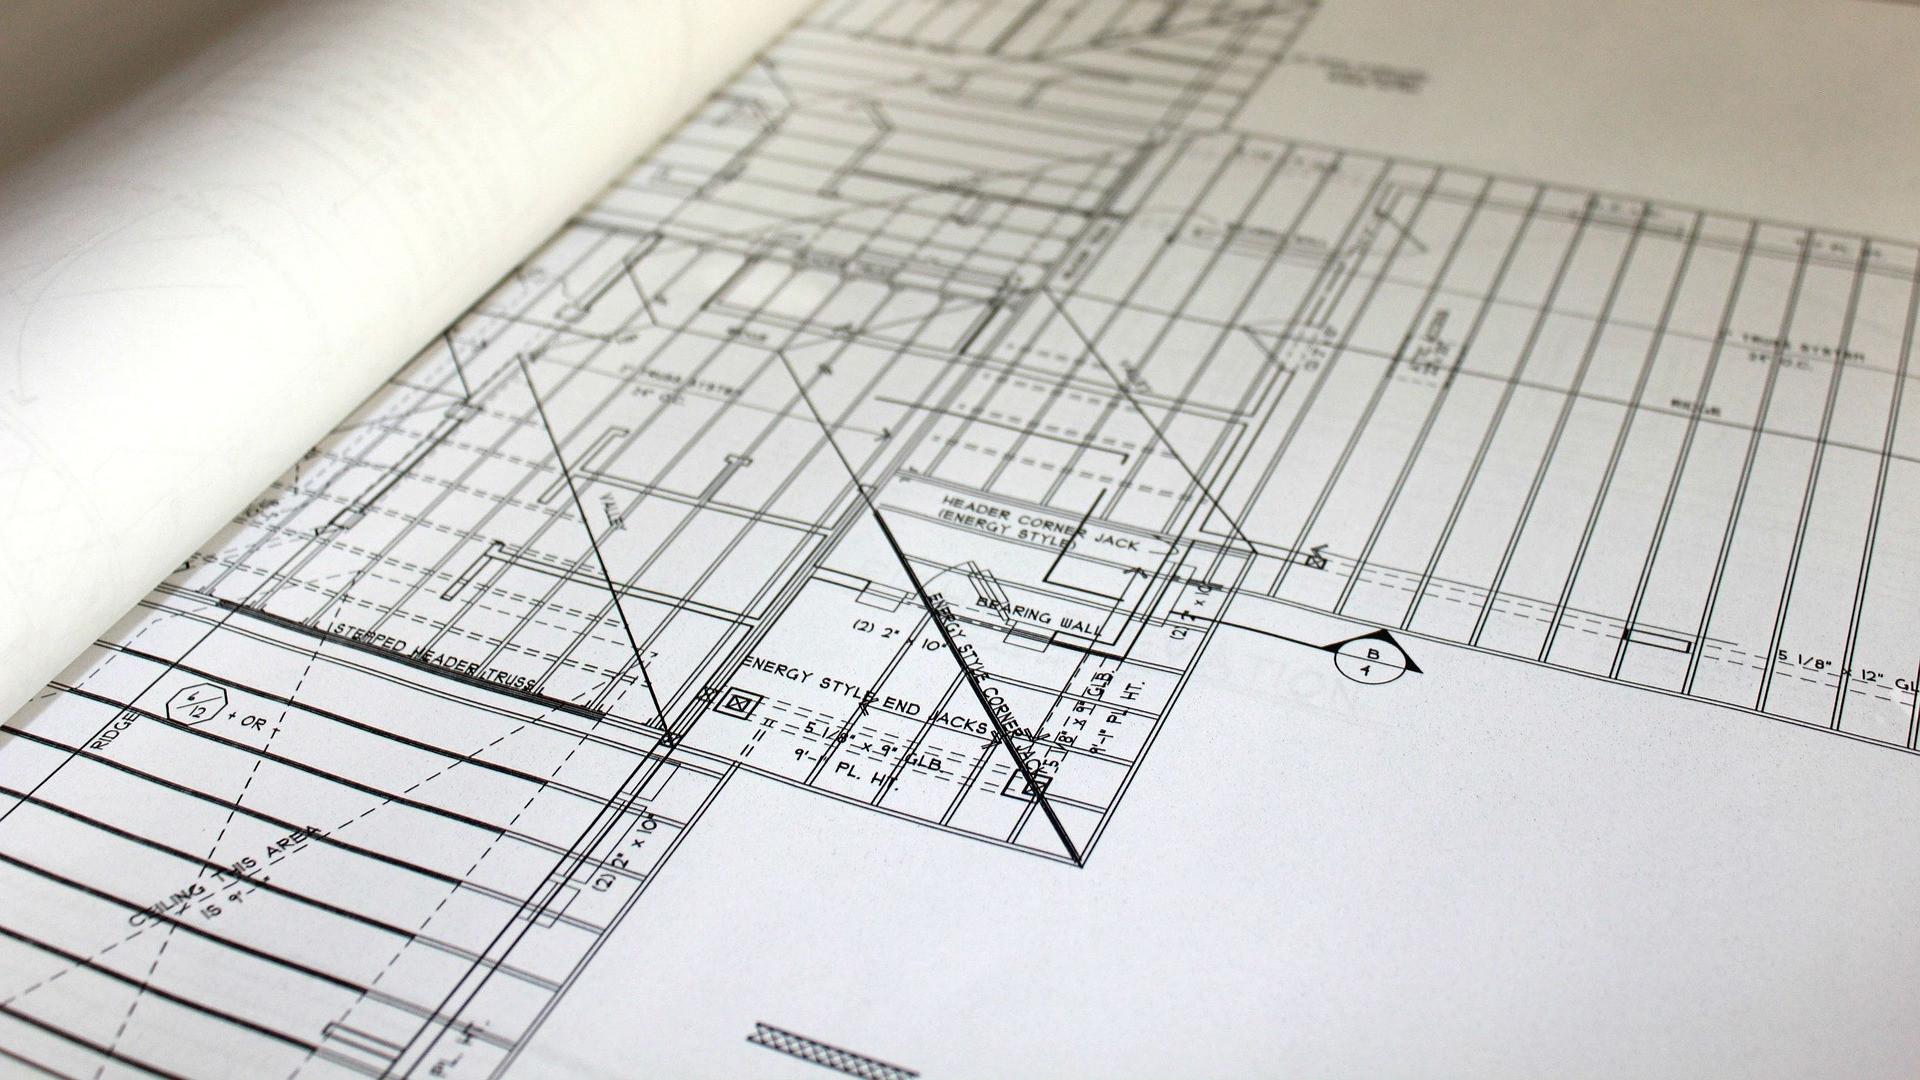 Прием заявок на проектирование школы на 550 мест начался в Одинцовском округе